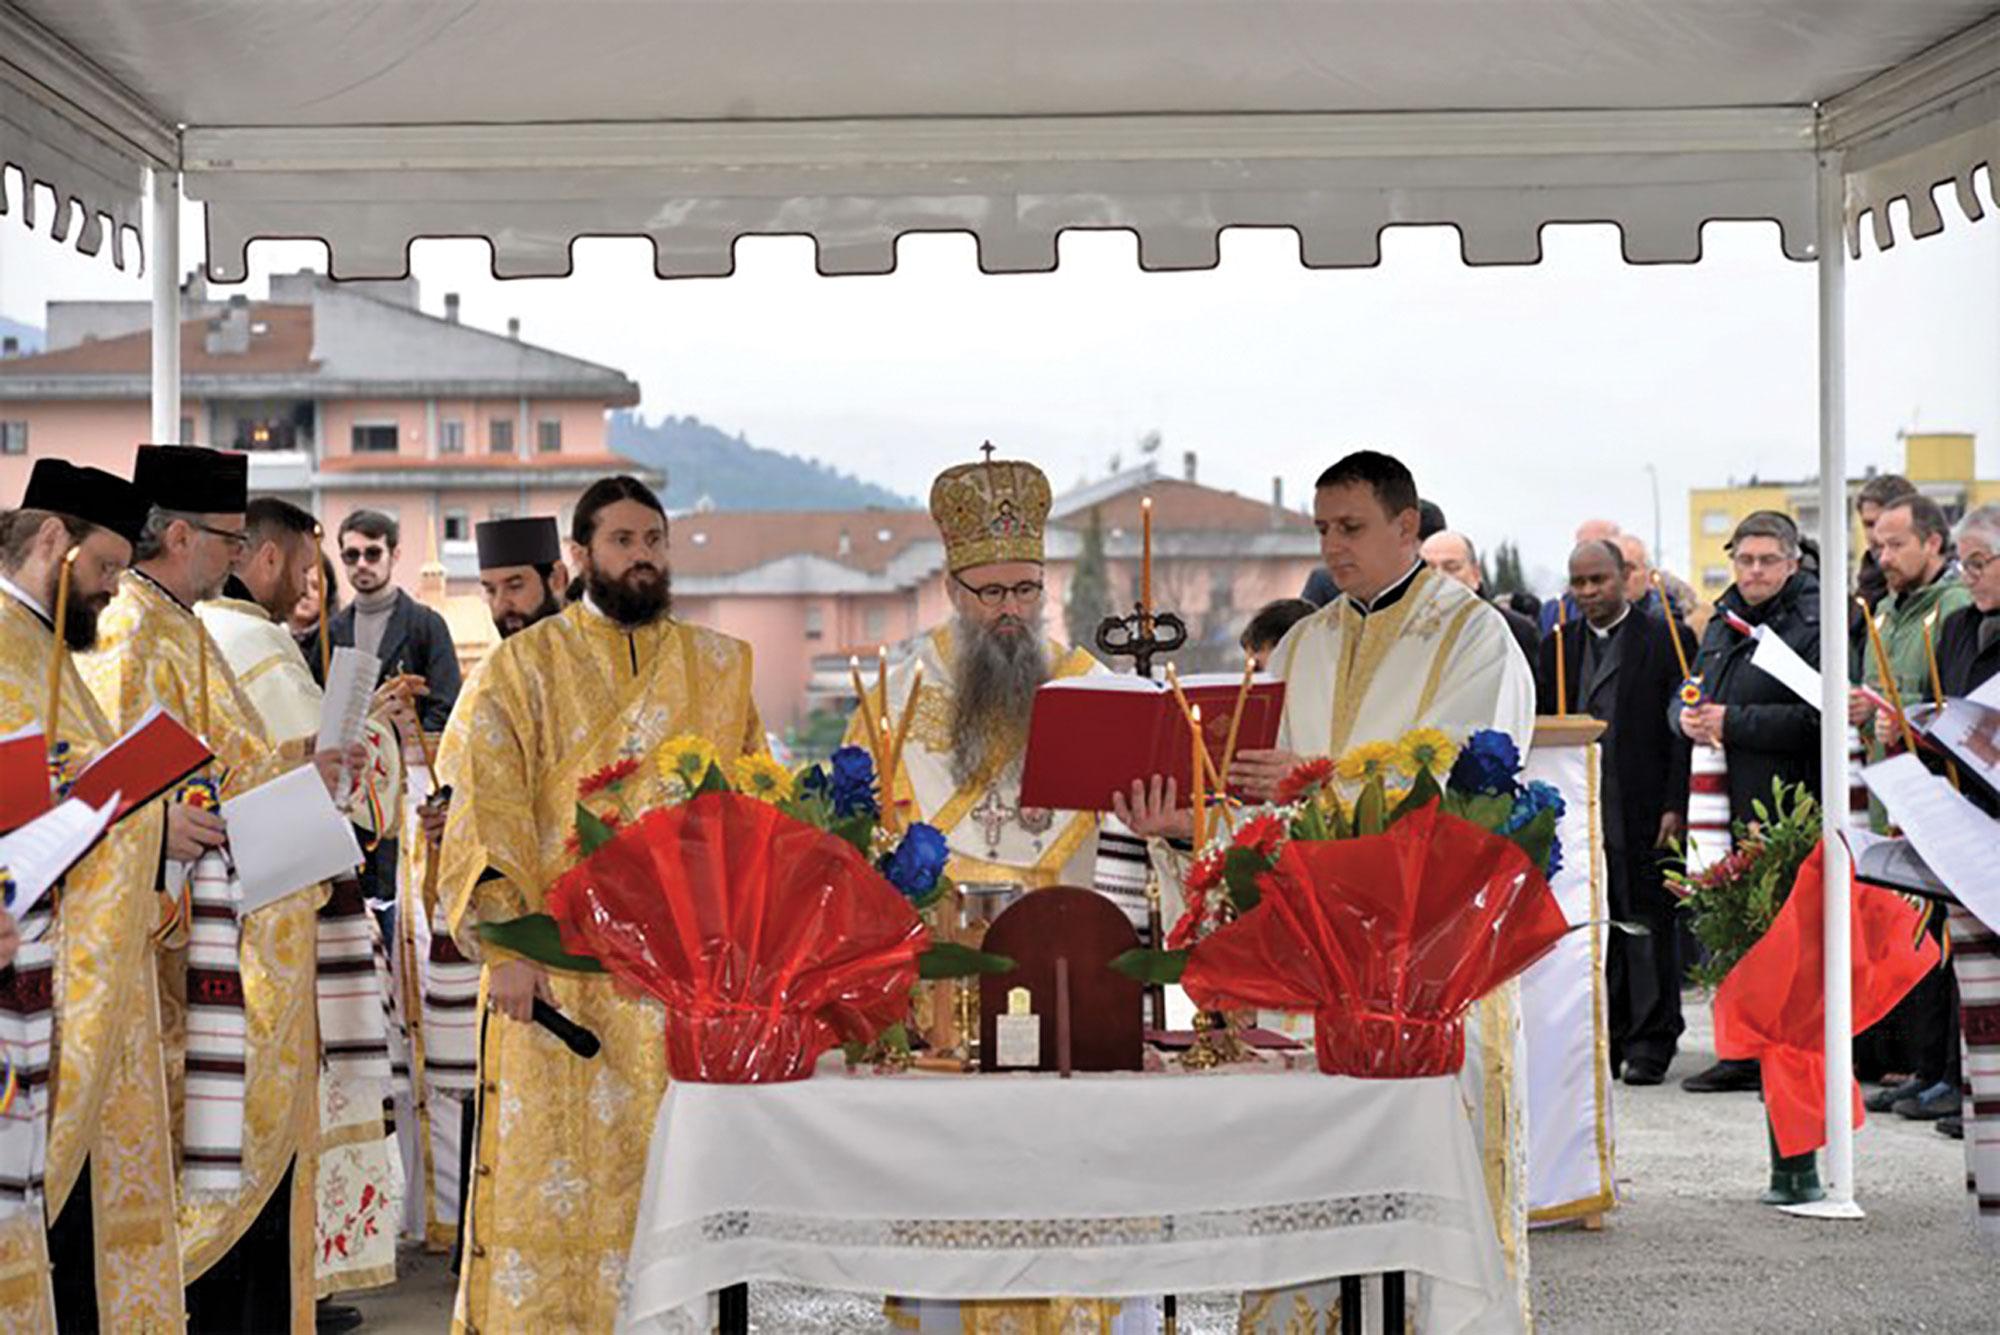 O nouă biserică pentru românii ortodocşi din Italia